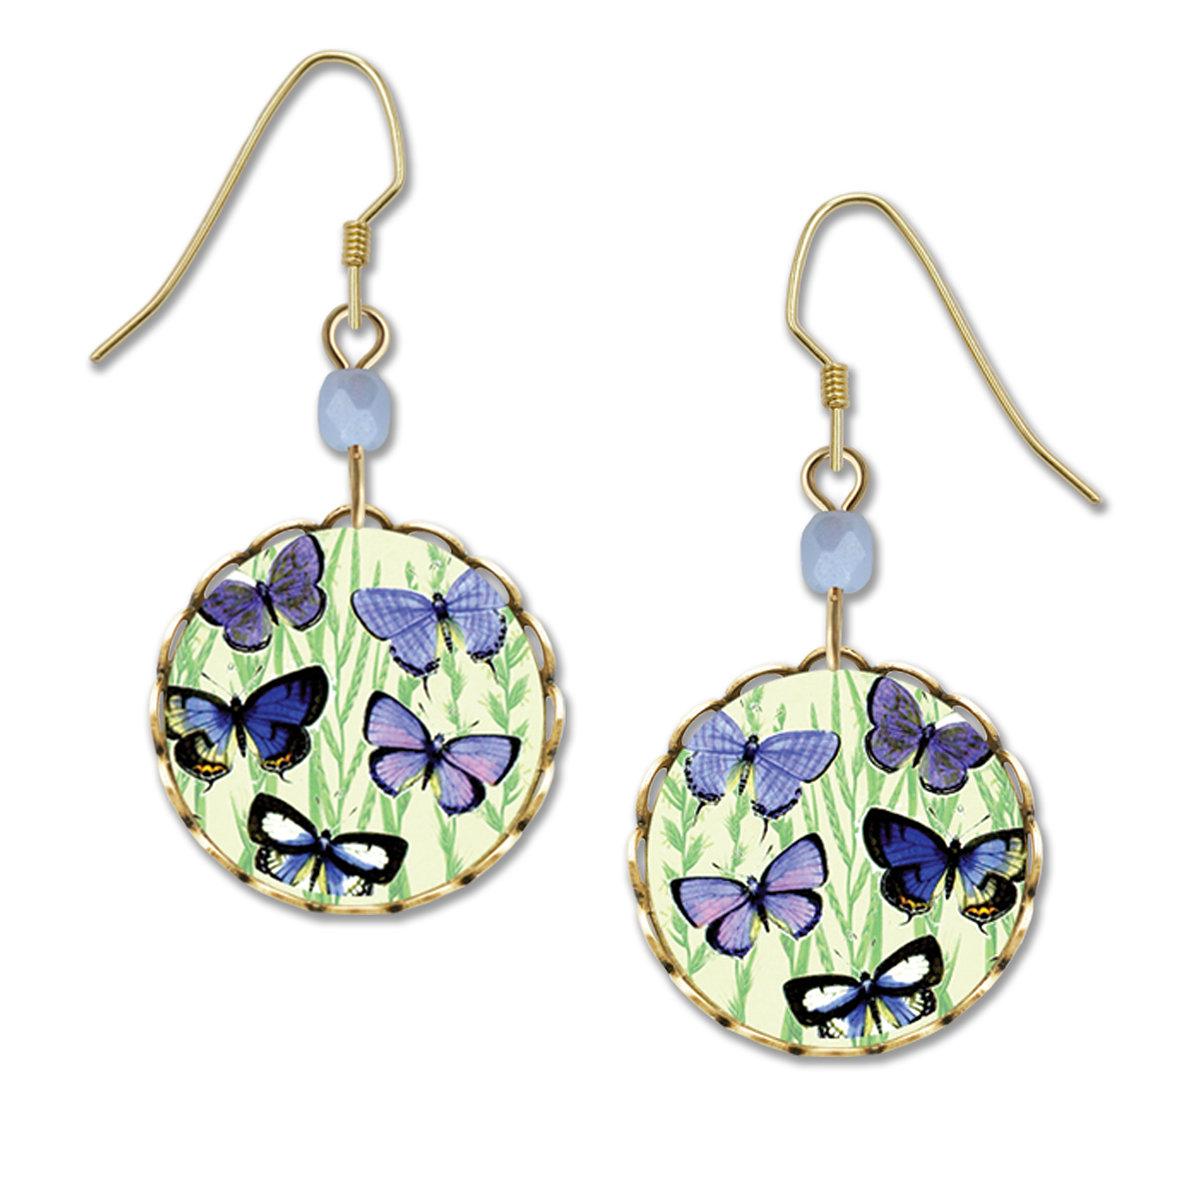 blue morpho butterfly earrings by Lemon Tree